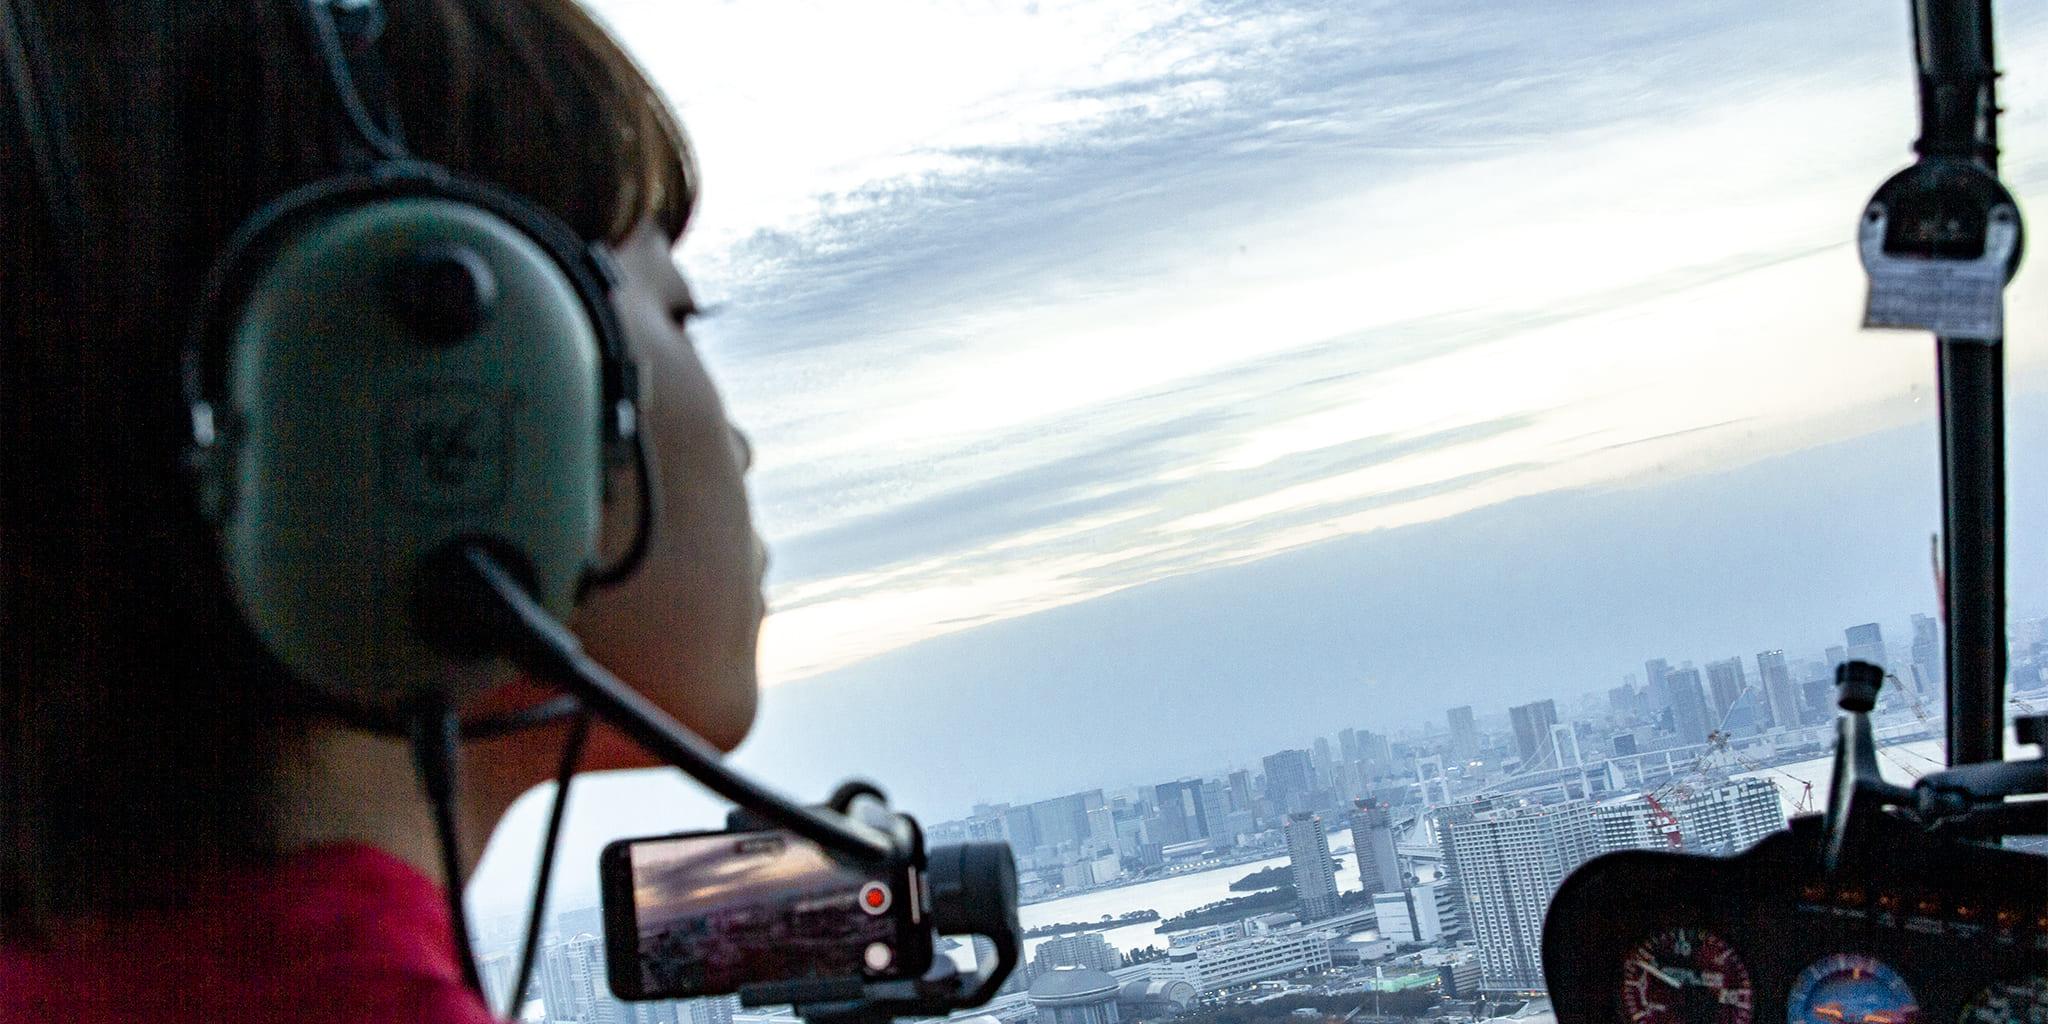 ヘリコプターで東京上空をフライトして見える有明